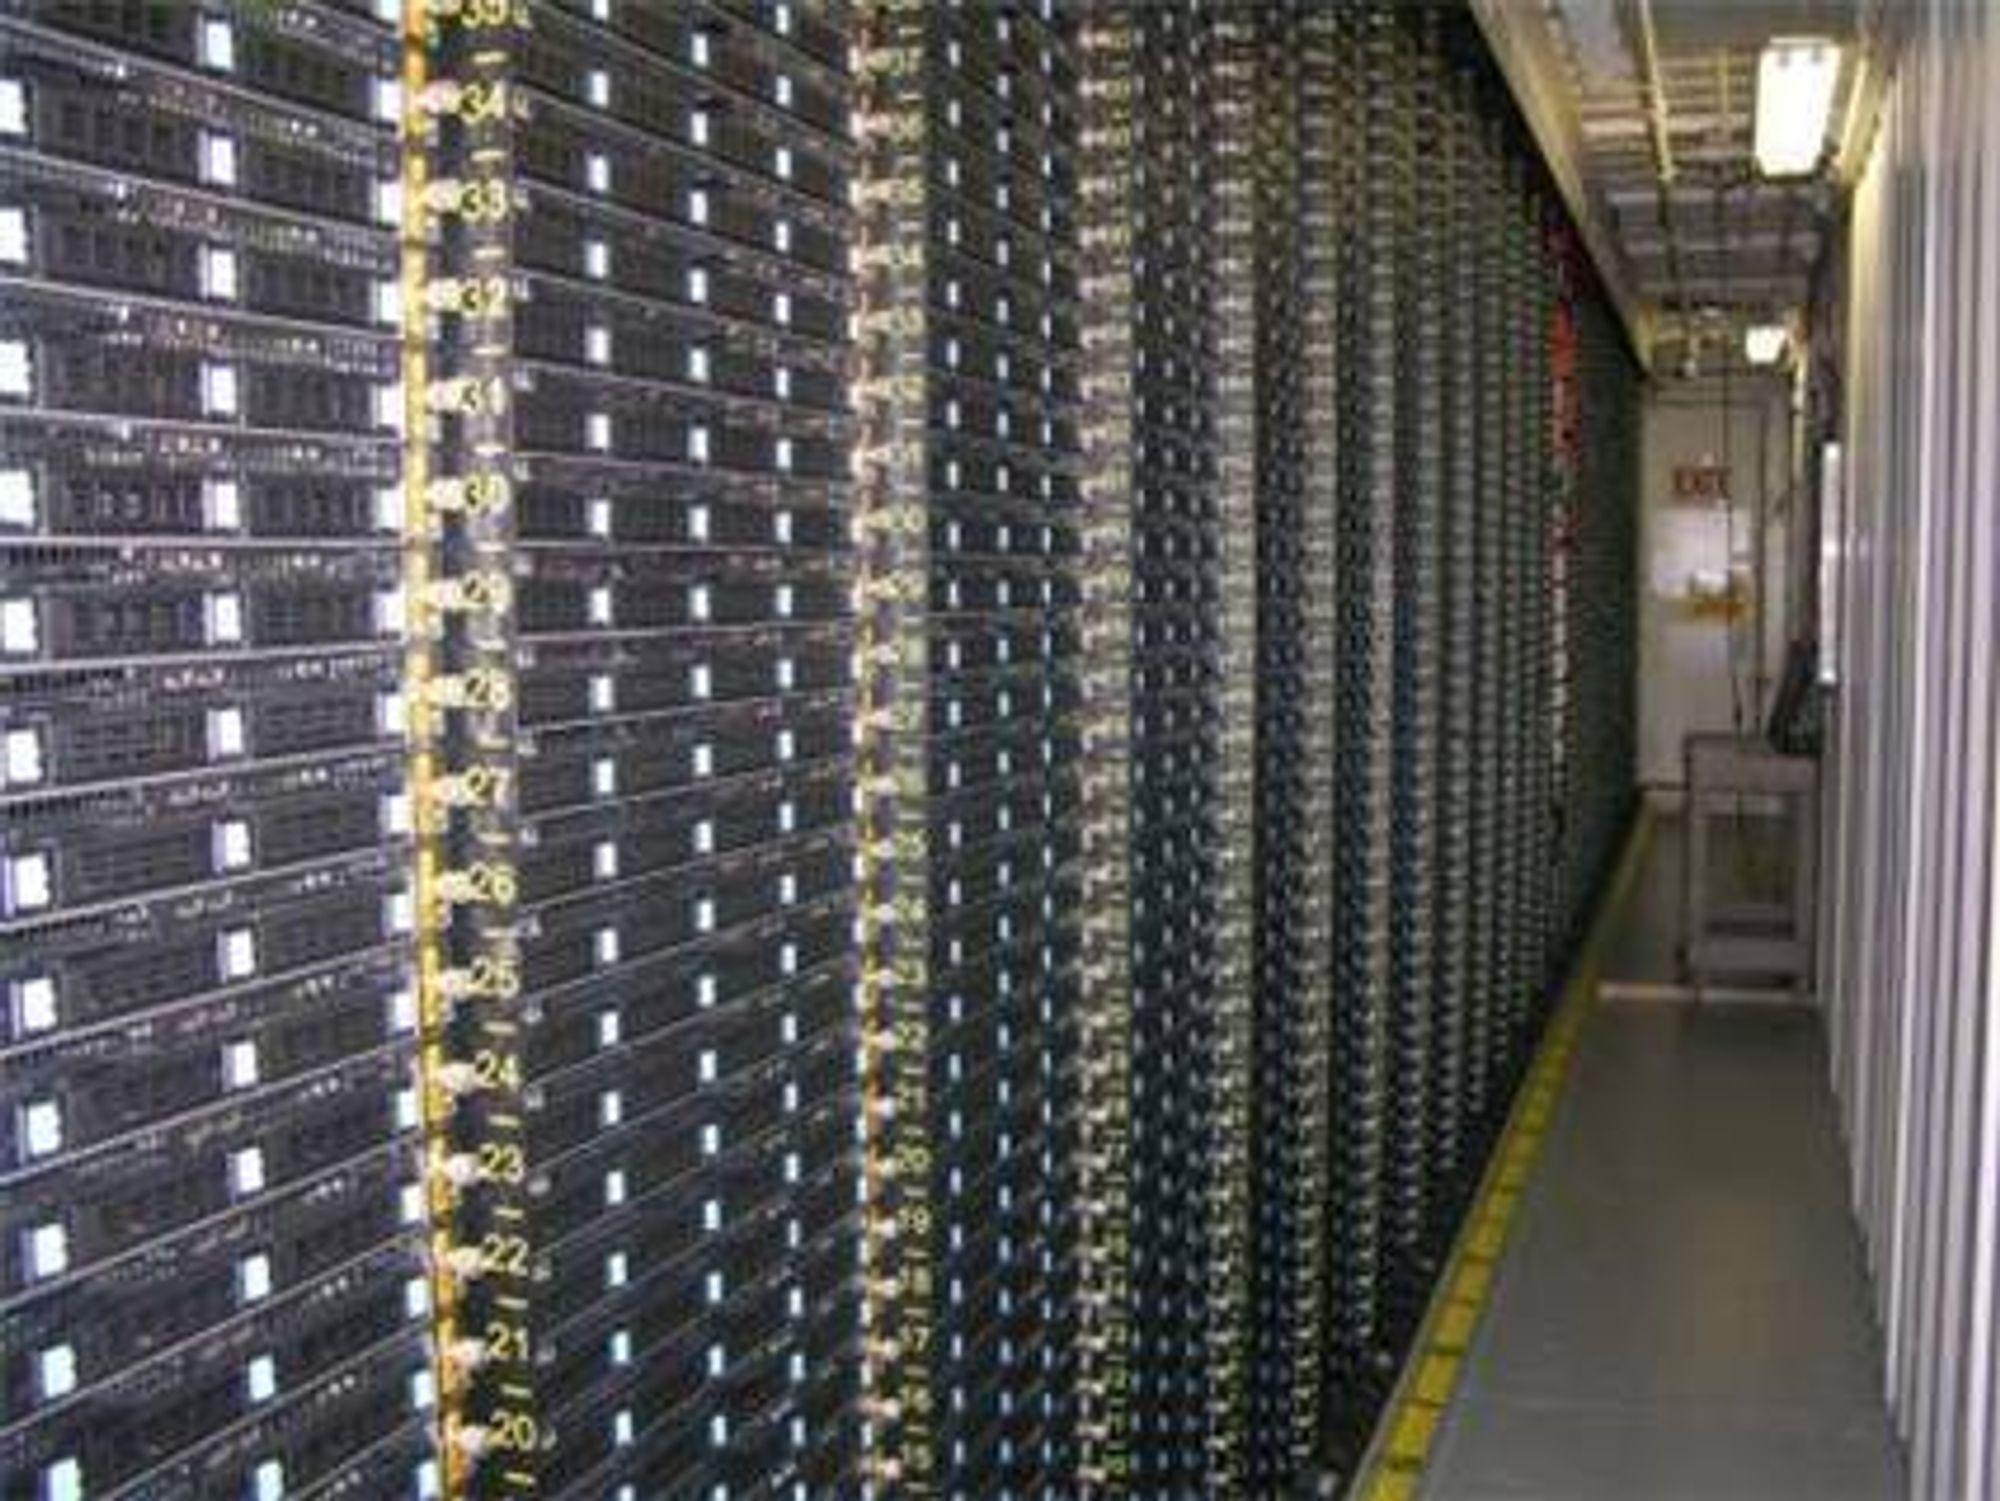 Fra insiden av en serverkonteiner i Microsofts nye datasentral i Chicago.